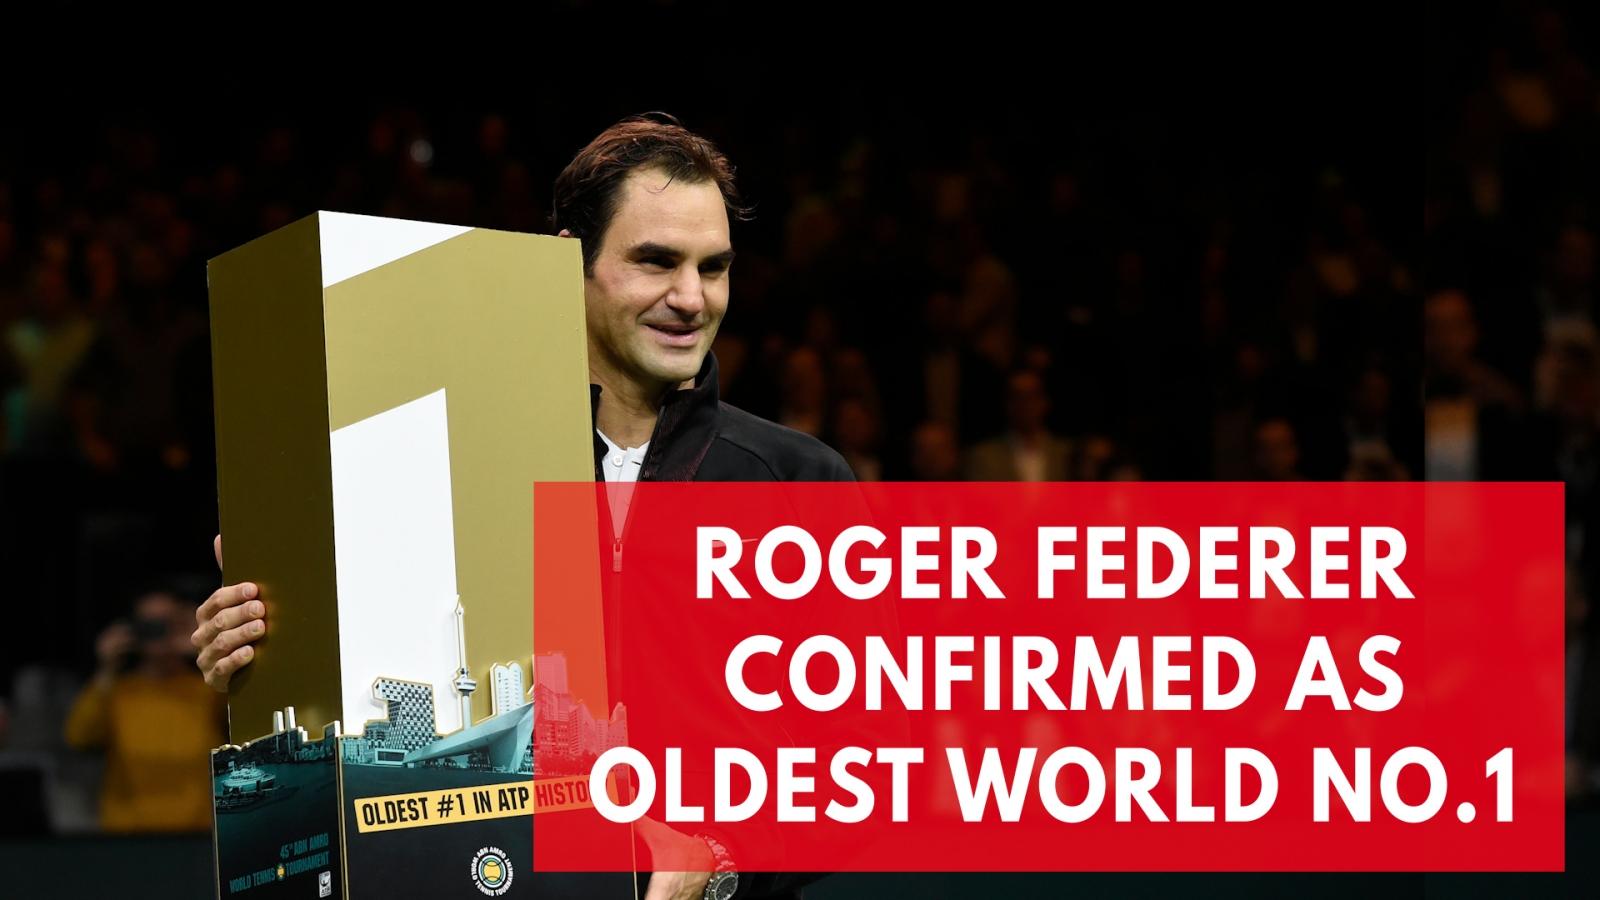 roger-federer-becomes-oldest-world-no-1-in-history